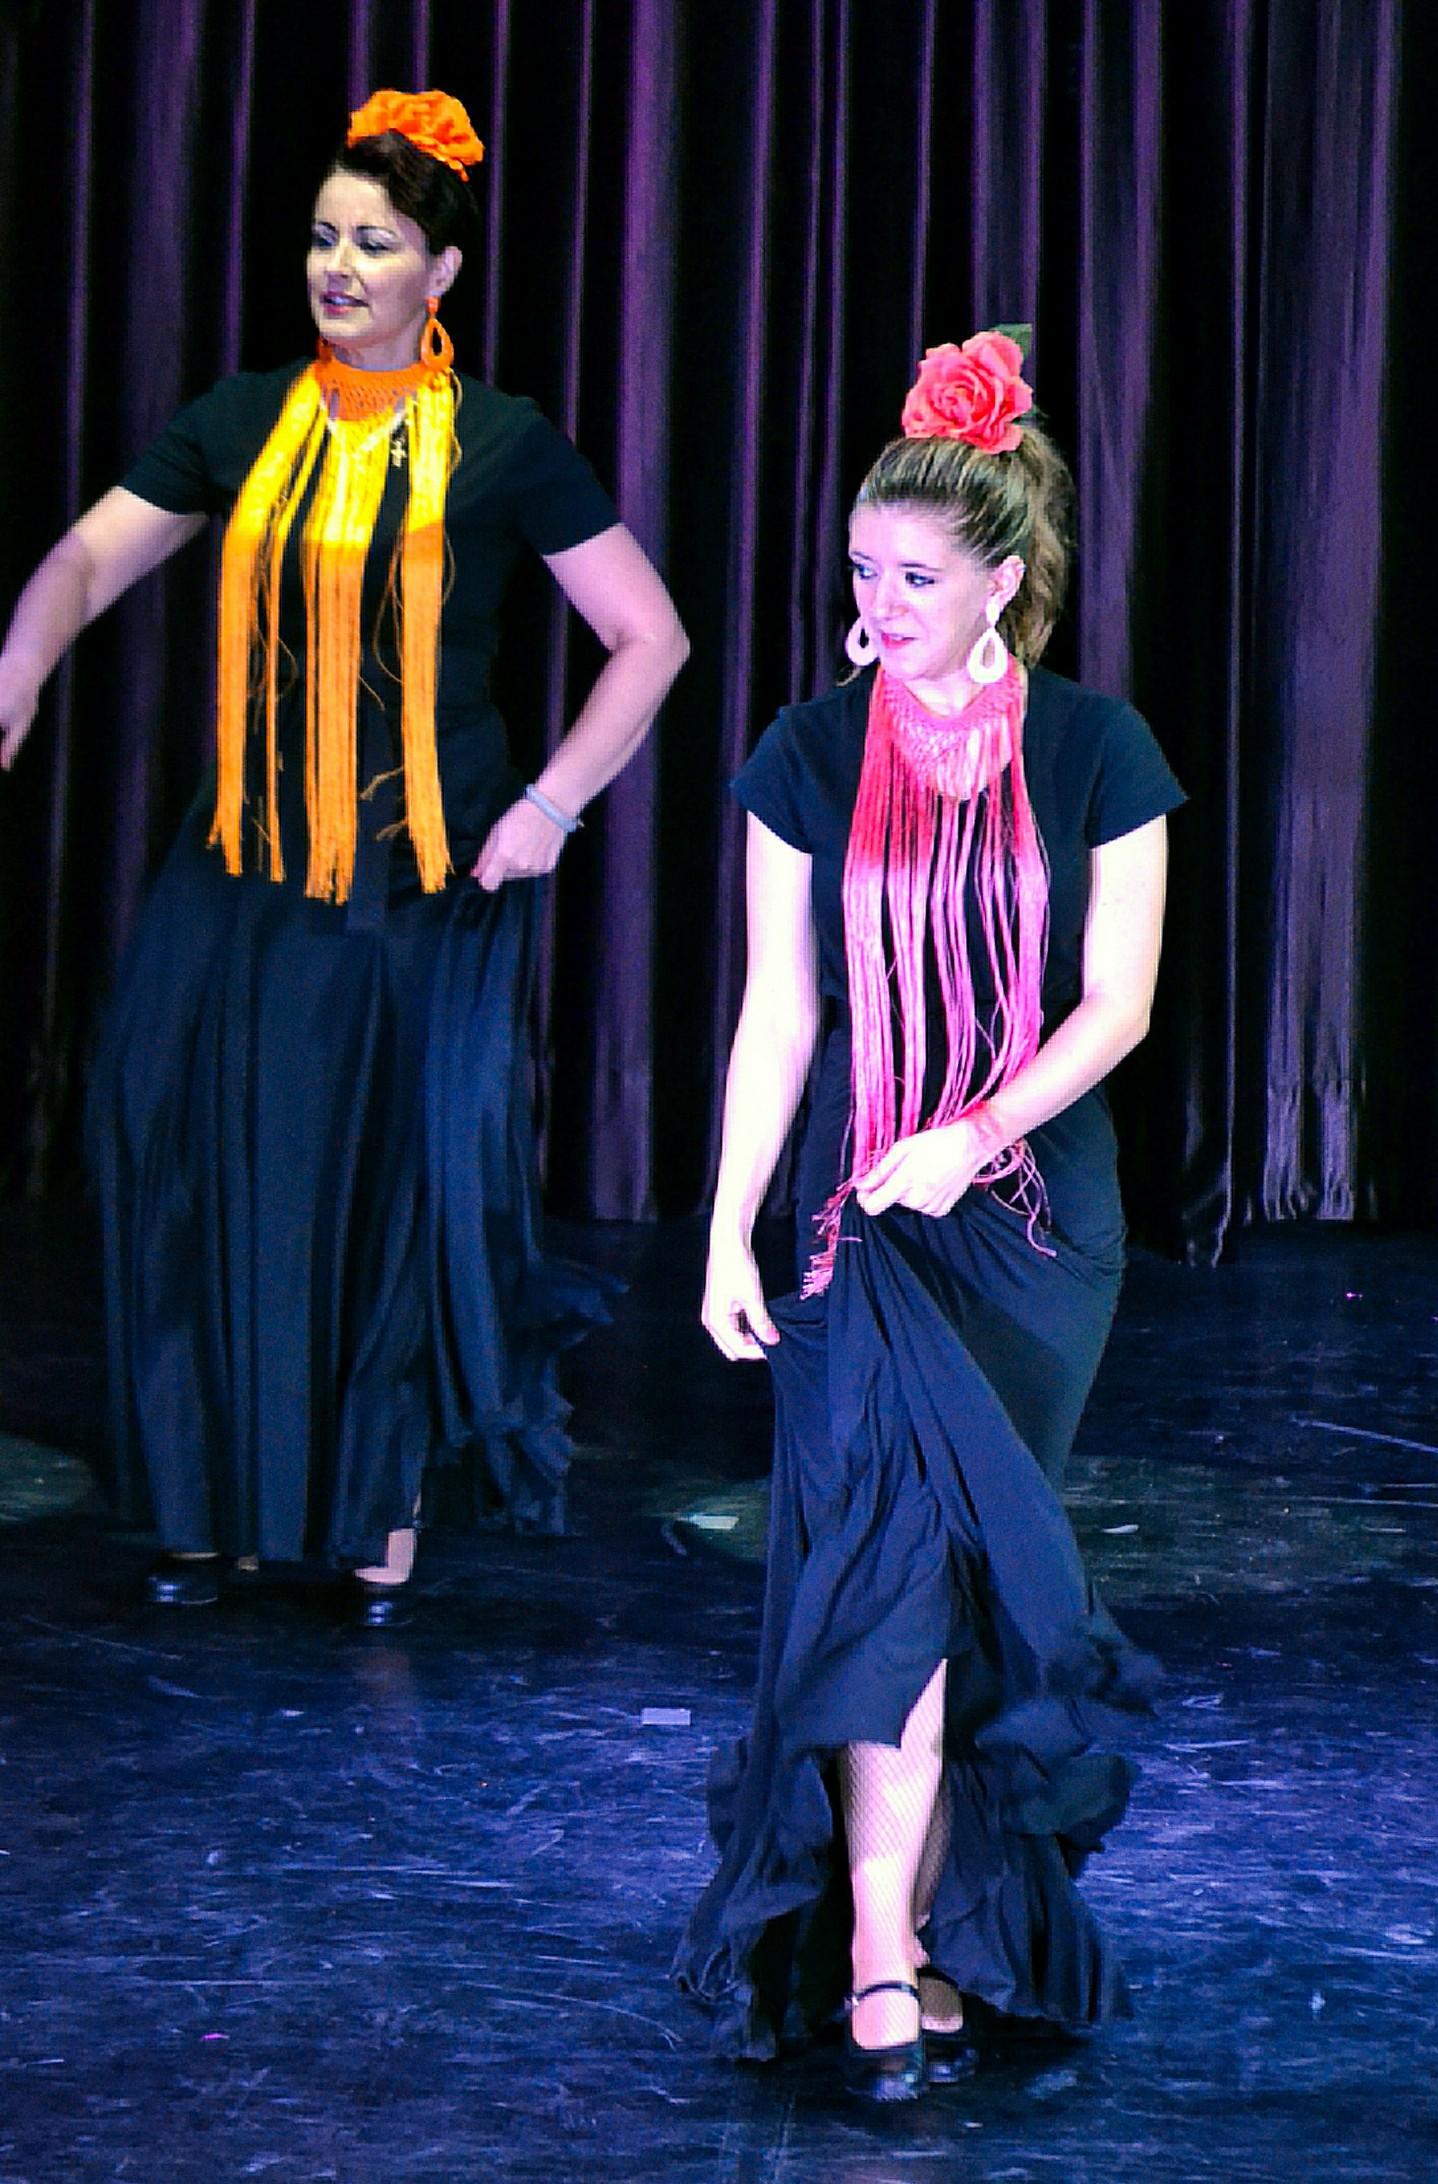 Linea-de-Baile-festival-verano-2015-clases-de-baile-valencia-58